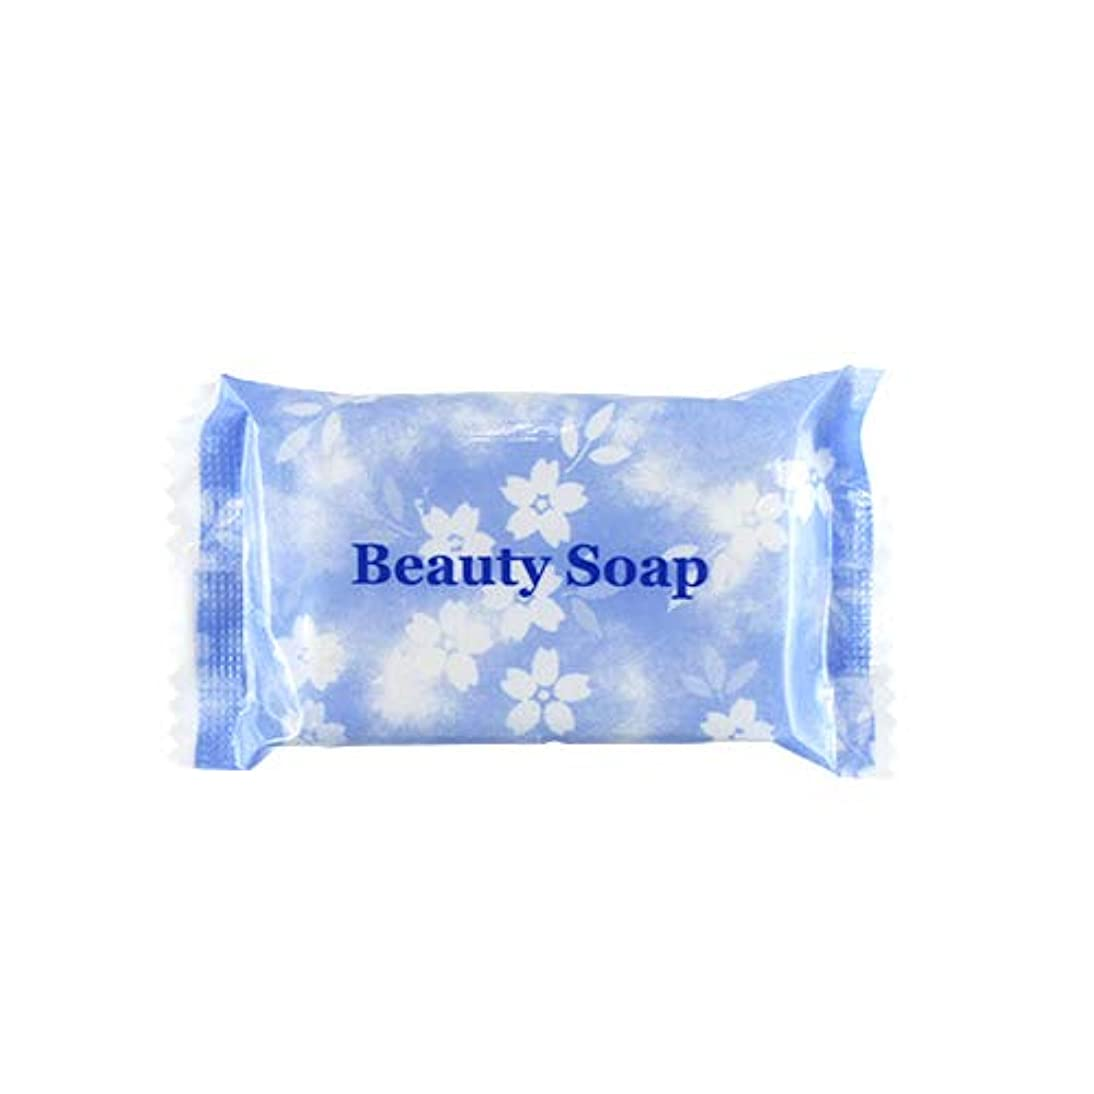 のれん繊毛甲虫業務用 クロバーコーポレーション ビューティーソープ(Beauty Soap) 15g×100個セット | ホテルアメニティ 個包装